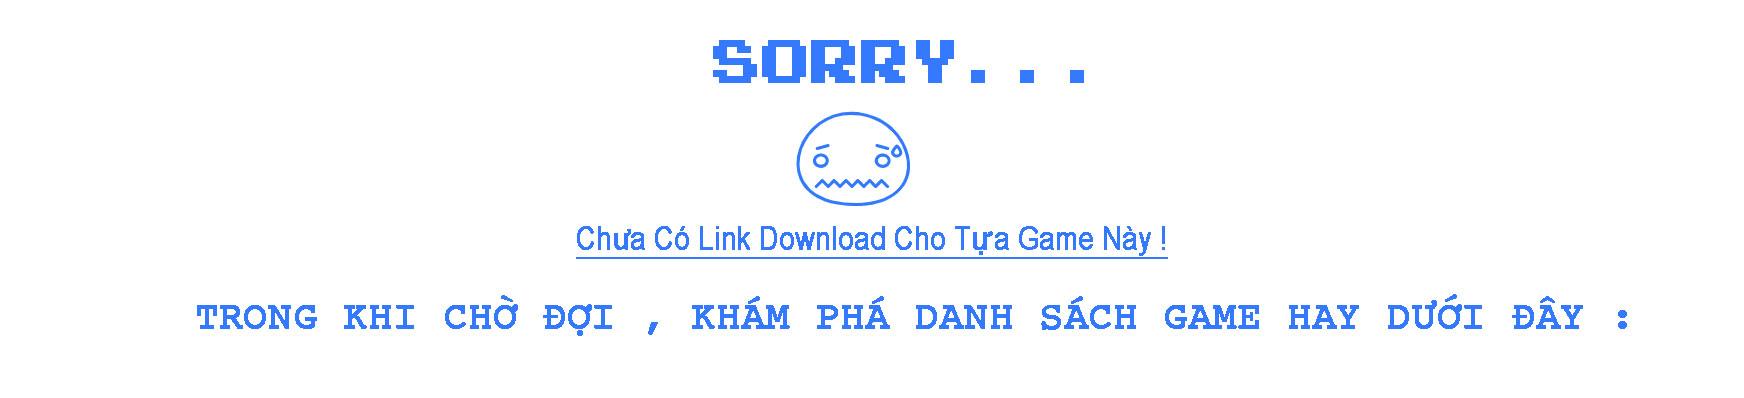 tai-game-mien-phi-cho-may-tinh